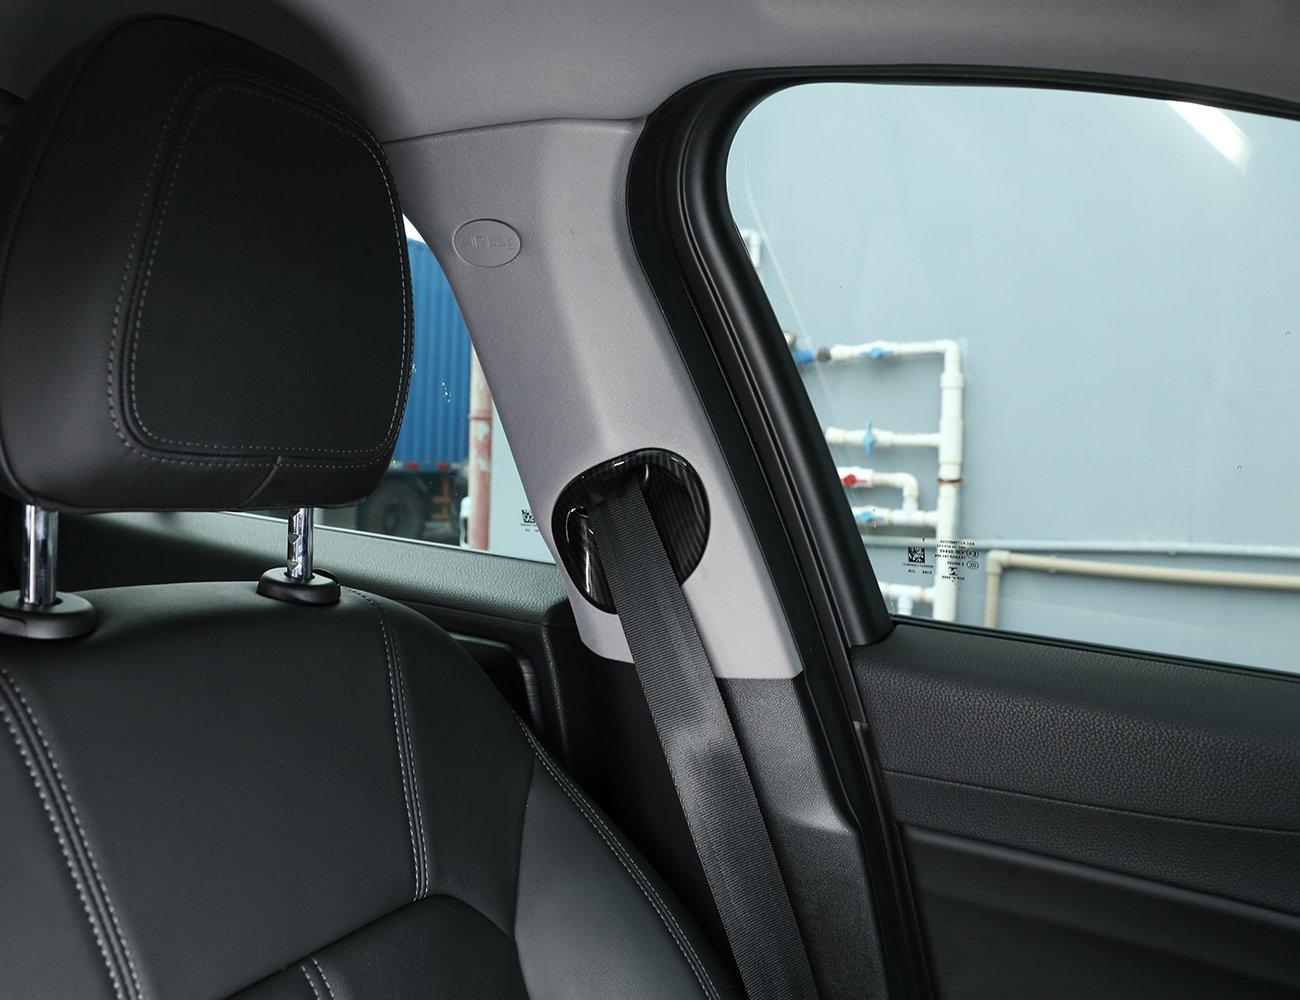 en Fibre de Carbone Style ABS Chrome Couverture De Ceinture De S/écurit/é Avant Garniture pour Giulia 2016 2017 2018 2019